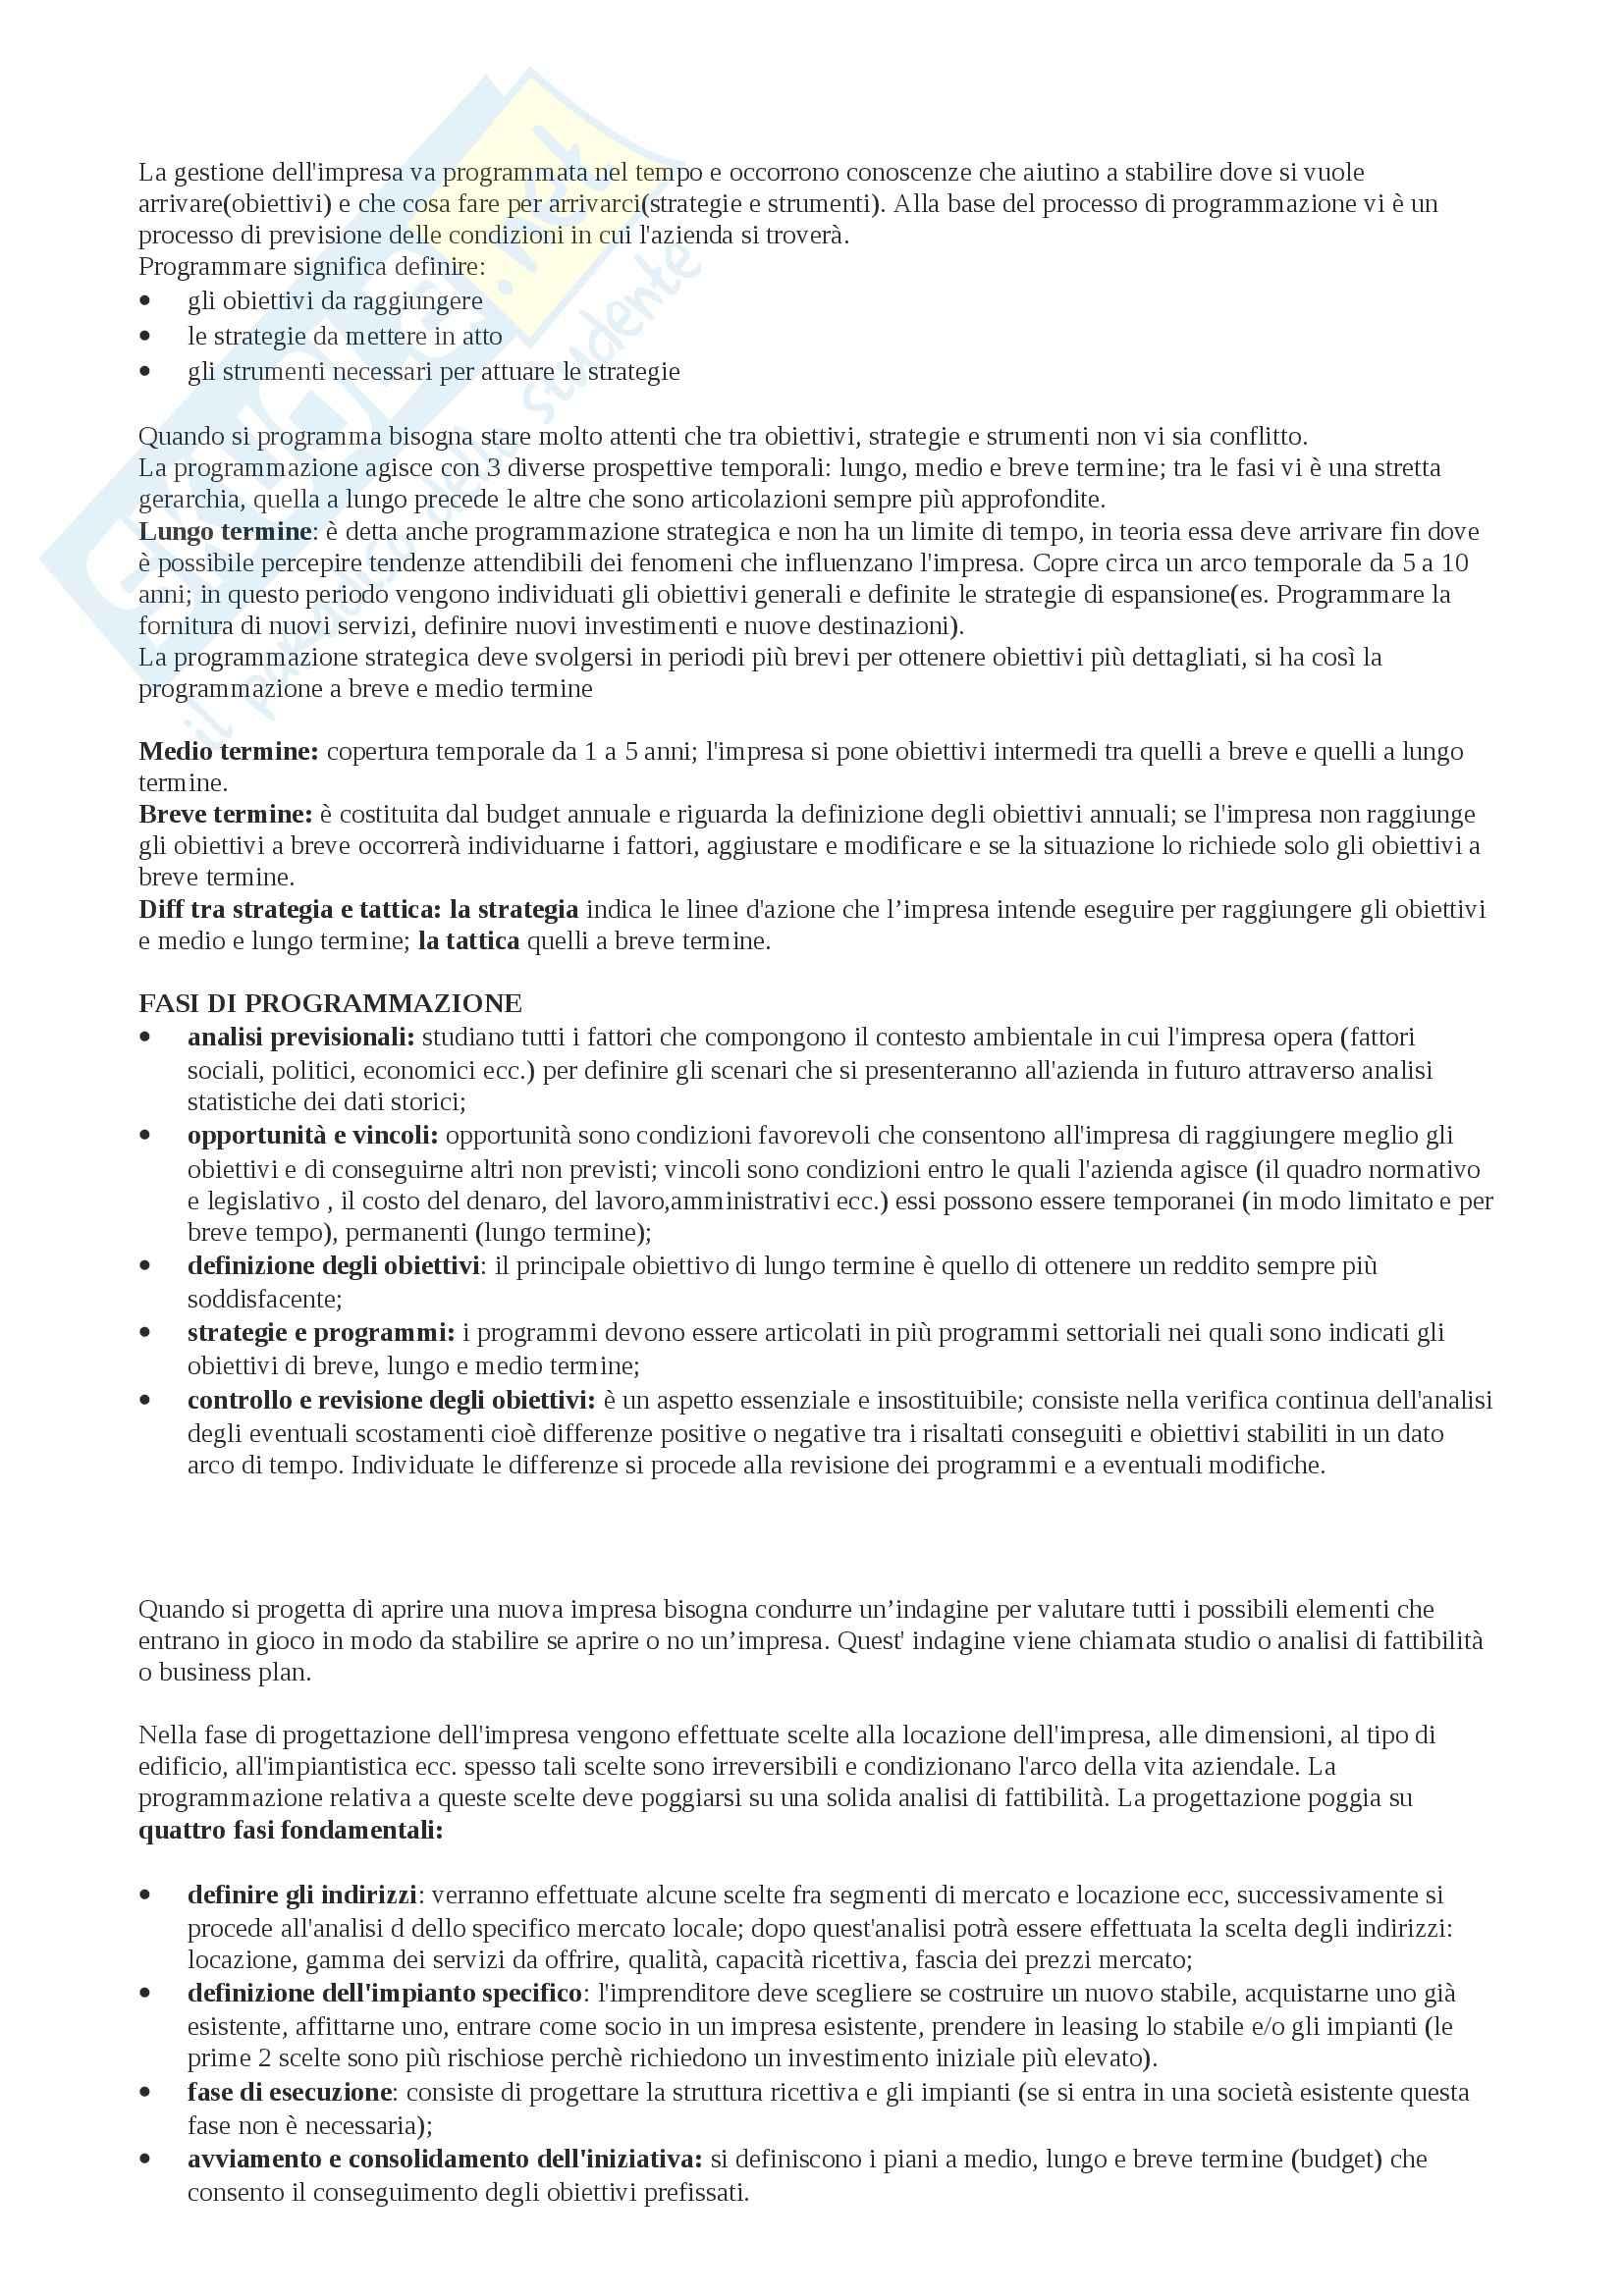 business plan tesina di economia aziendale